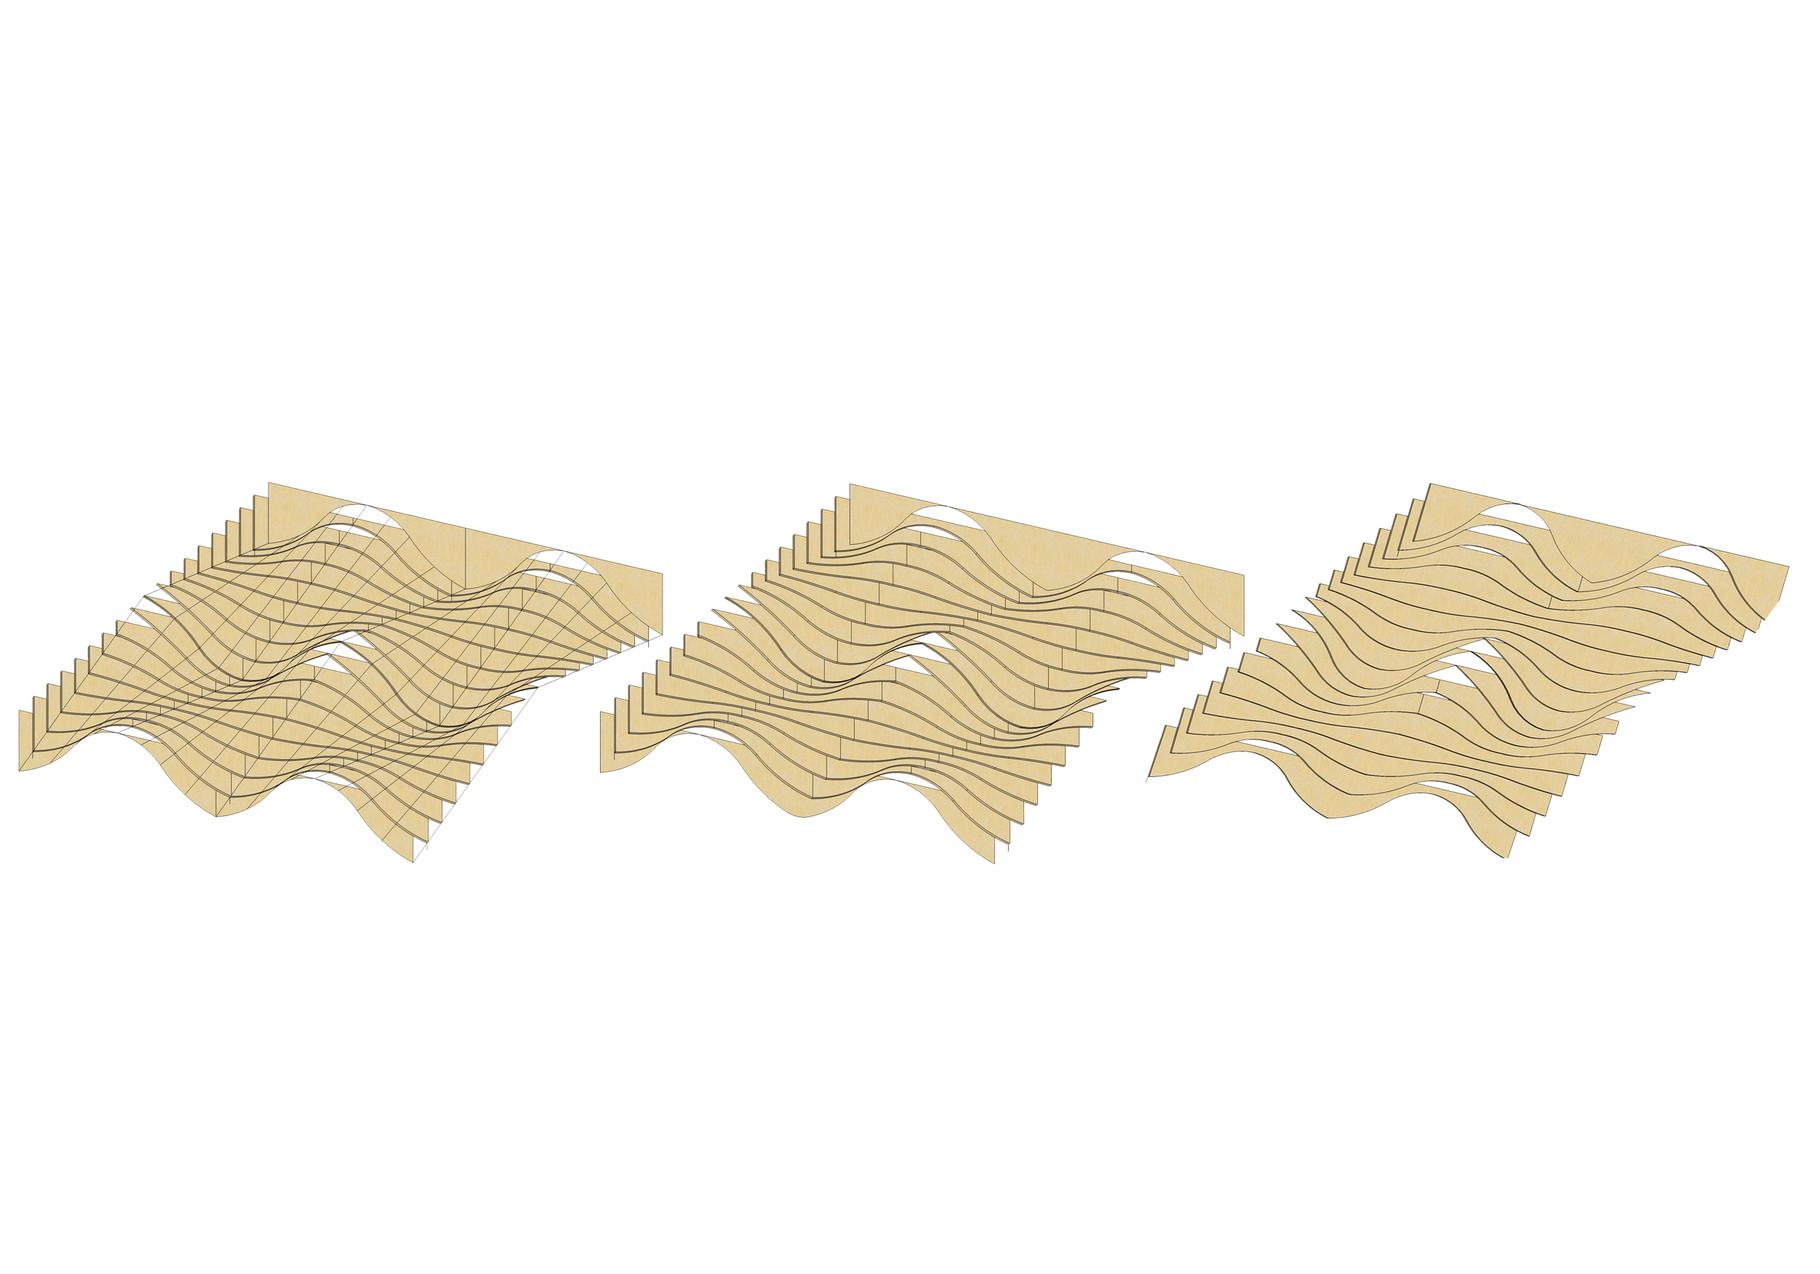 Decke - Formentwicklung